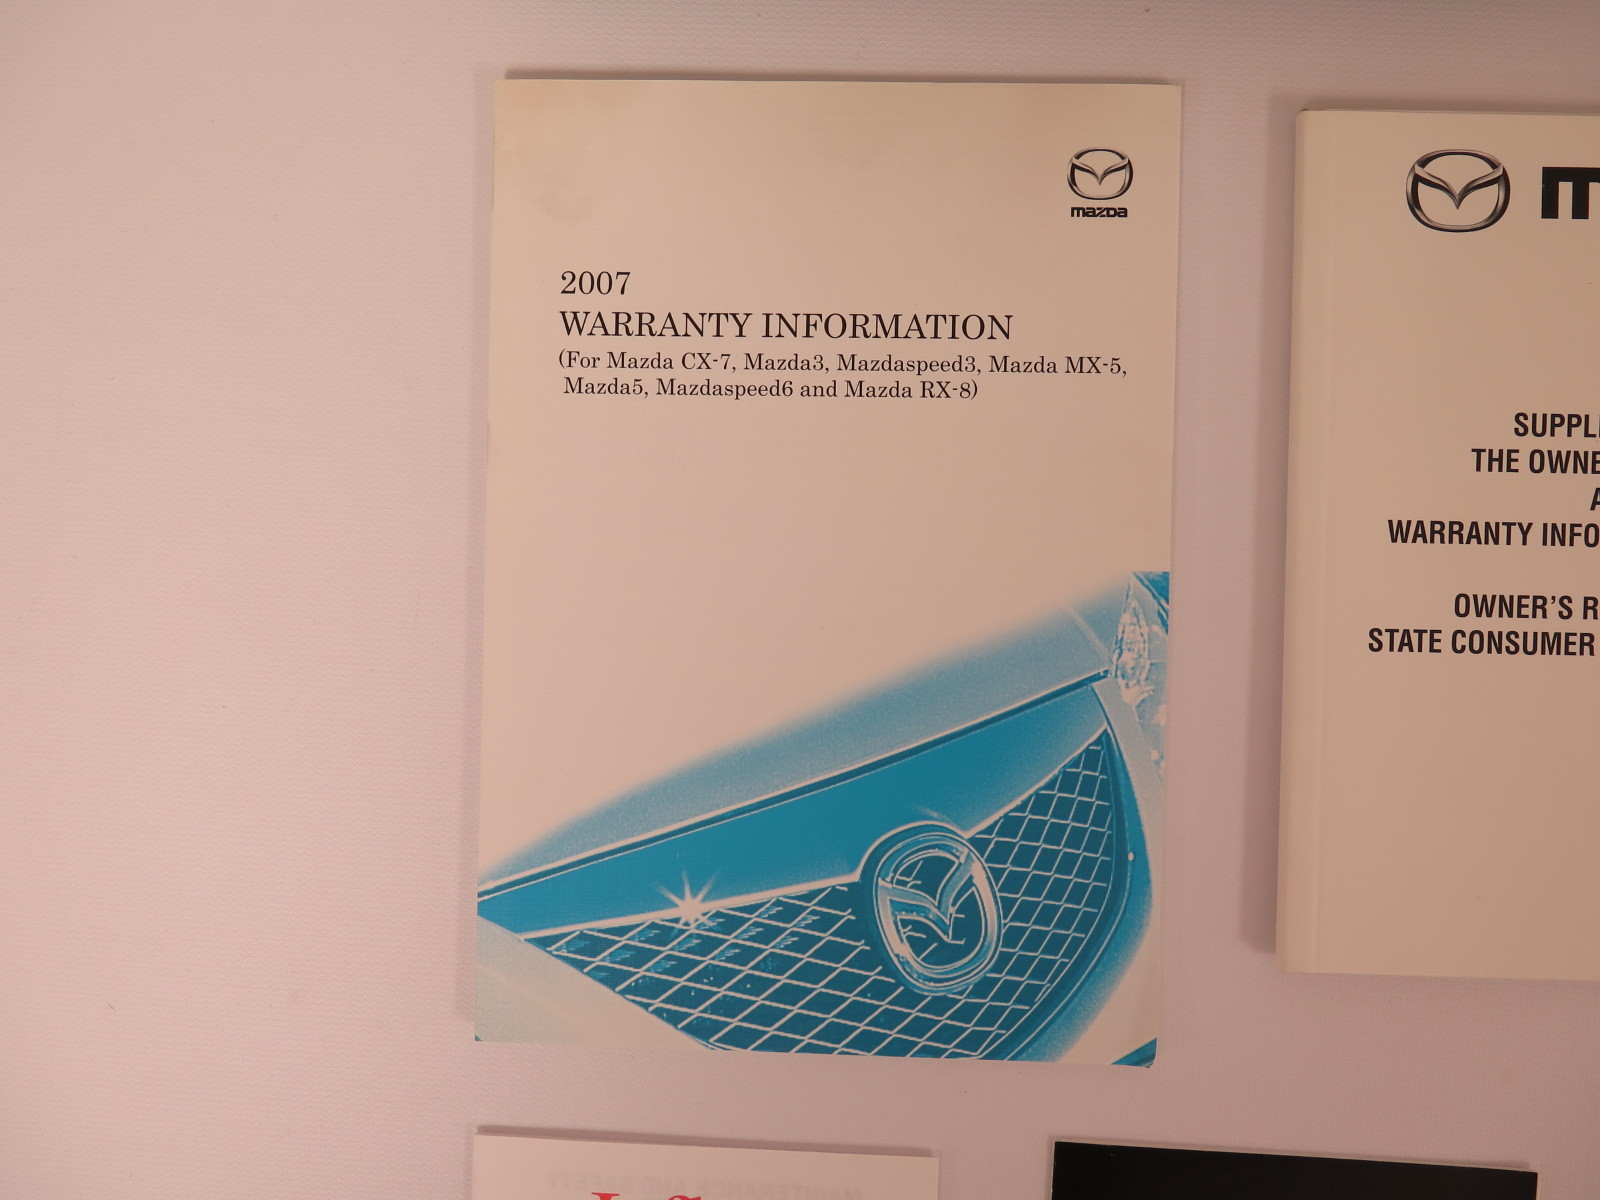 2007 Mazda 3 Owners Manual Book